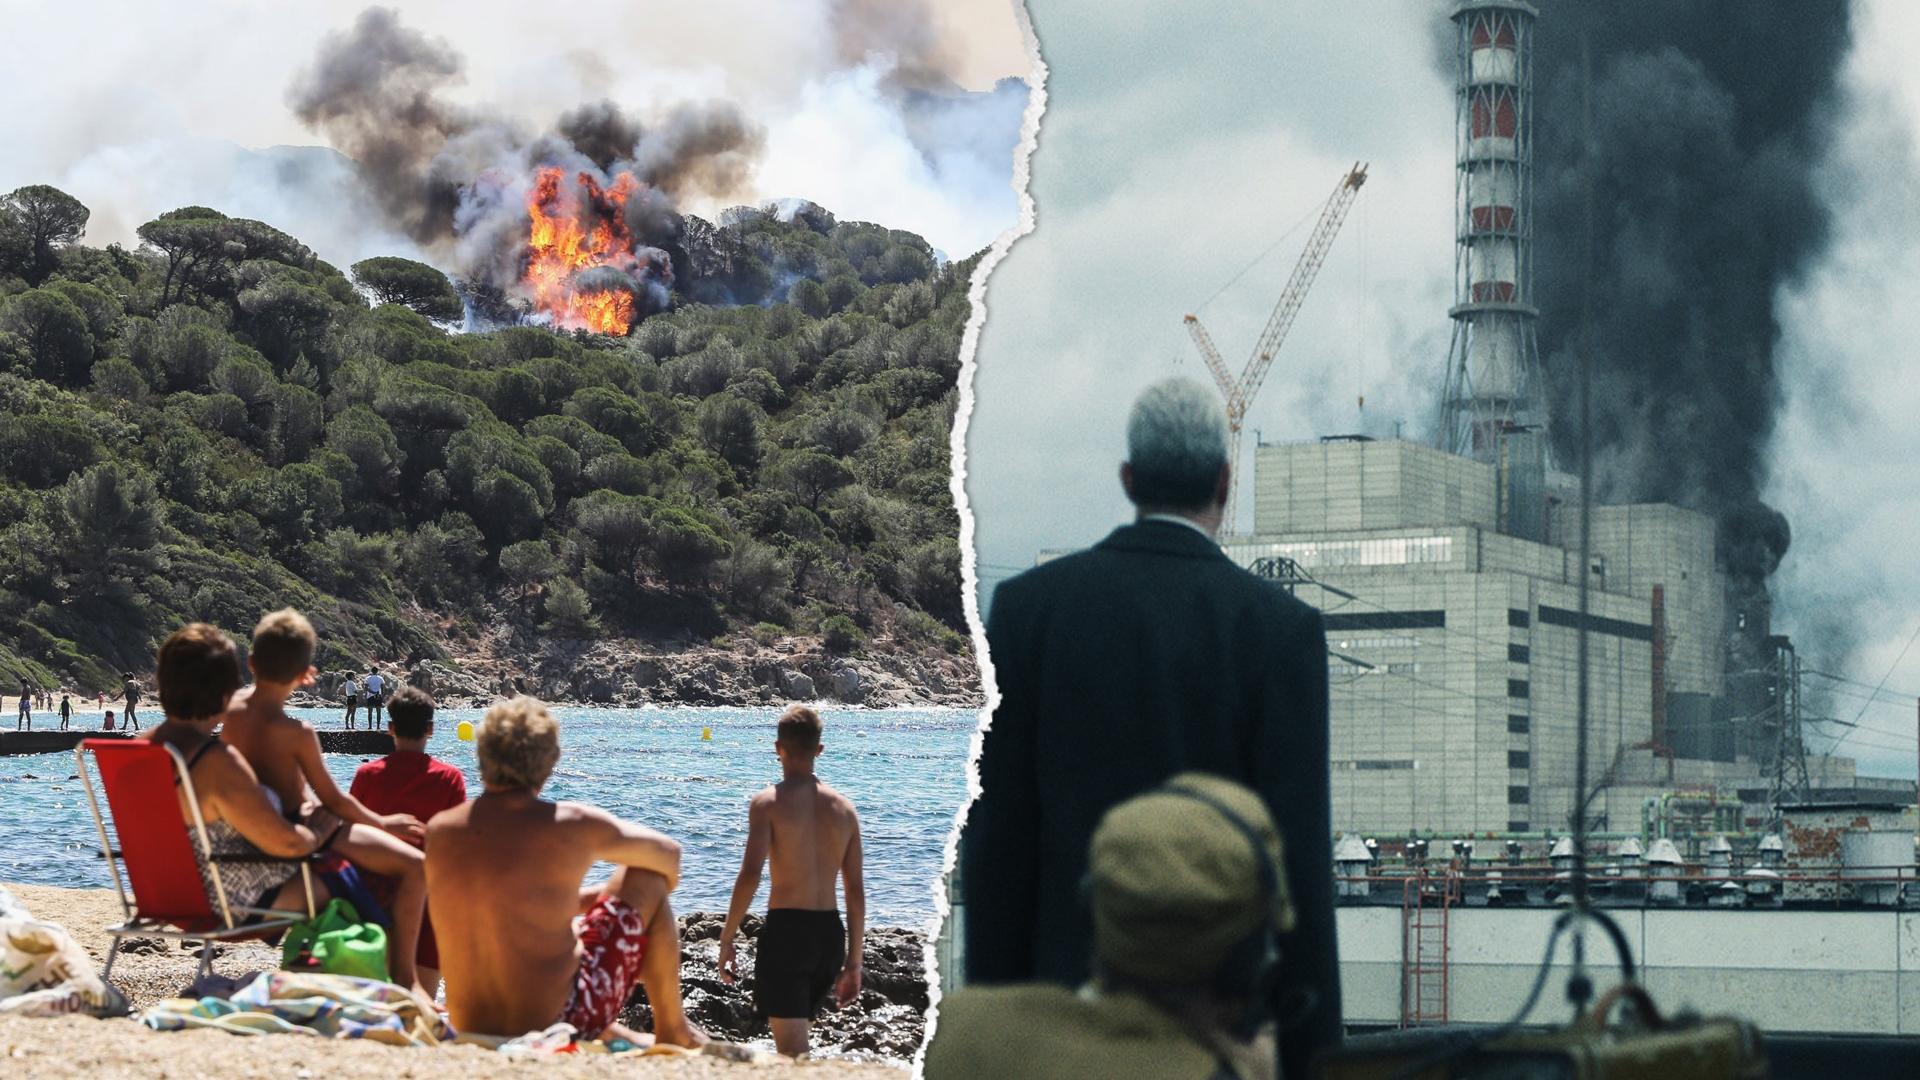 A csernobili hazugságok kényelmetlenül ismerősek a klímaváltozás korában